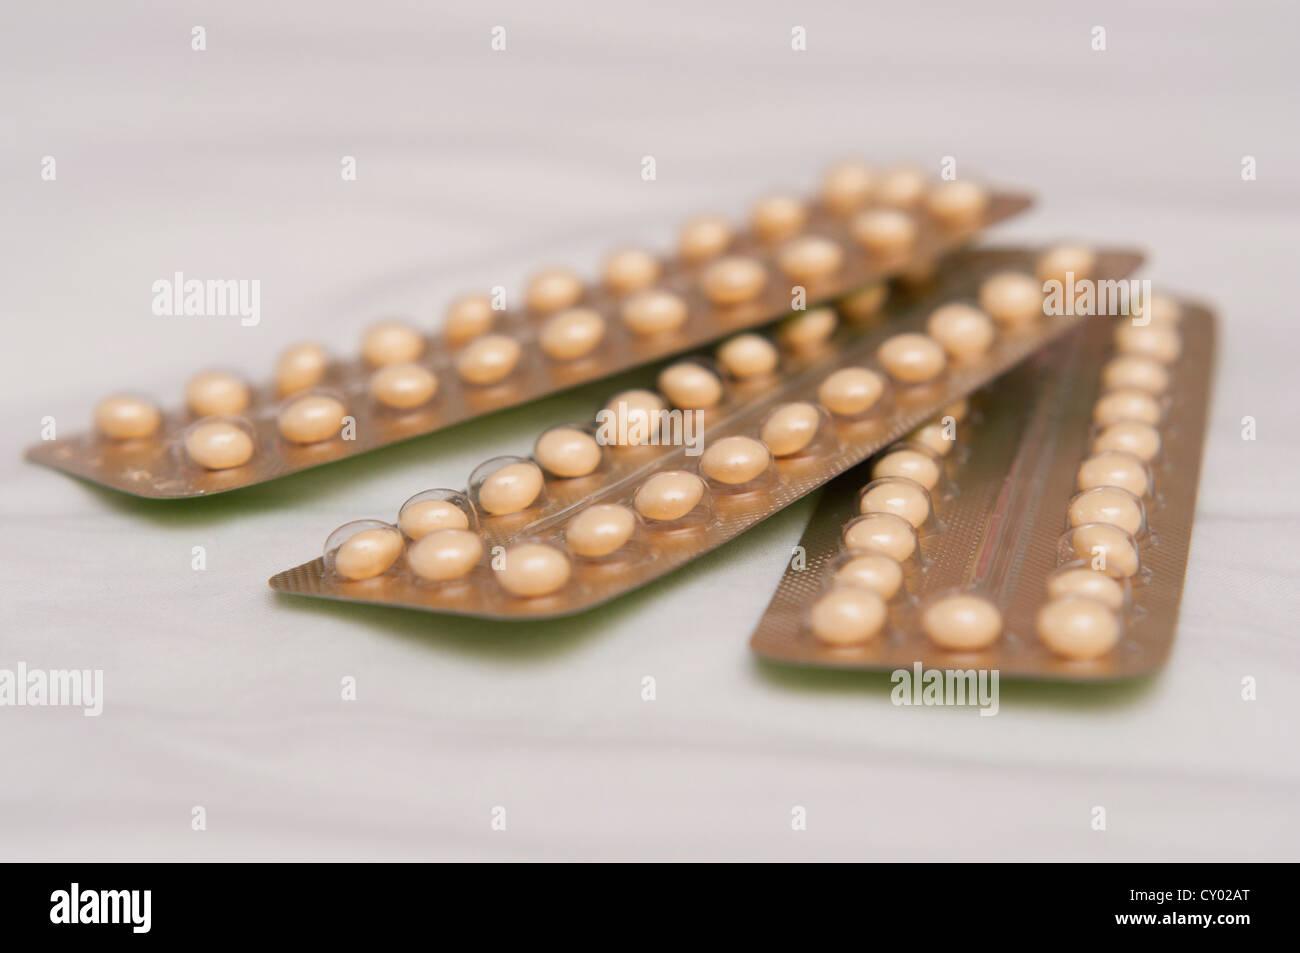 contraceptive pill - Stock Image